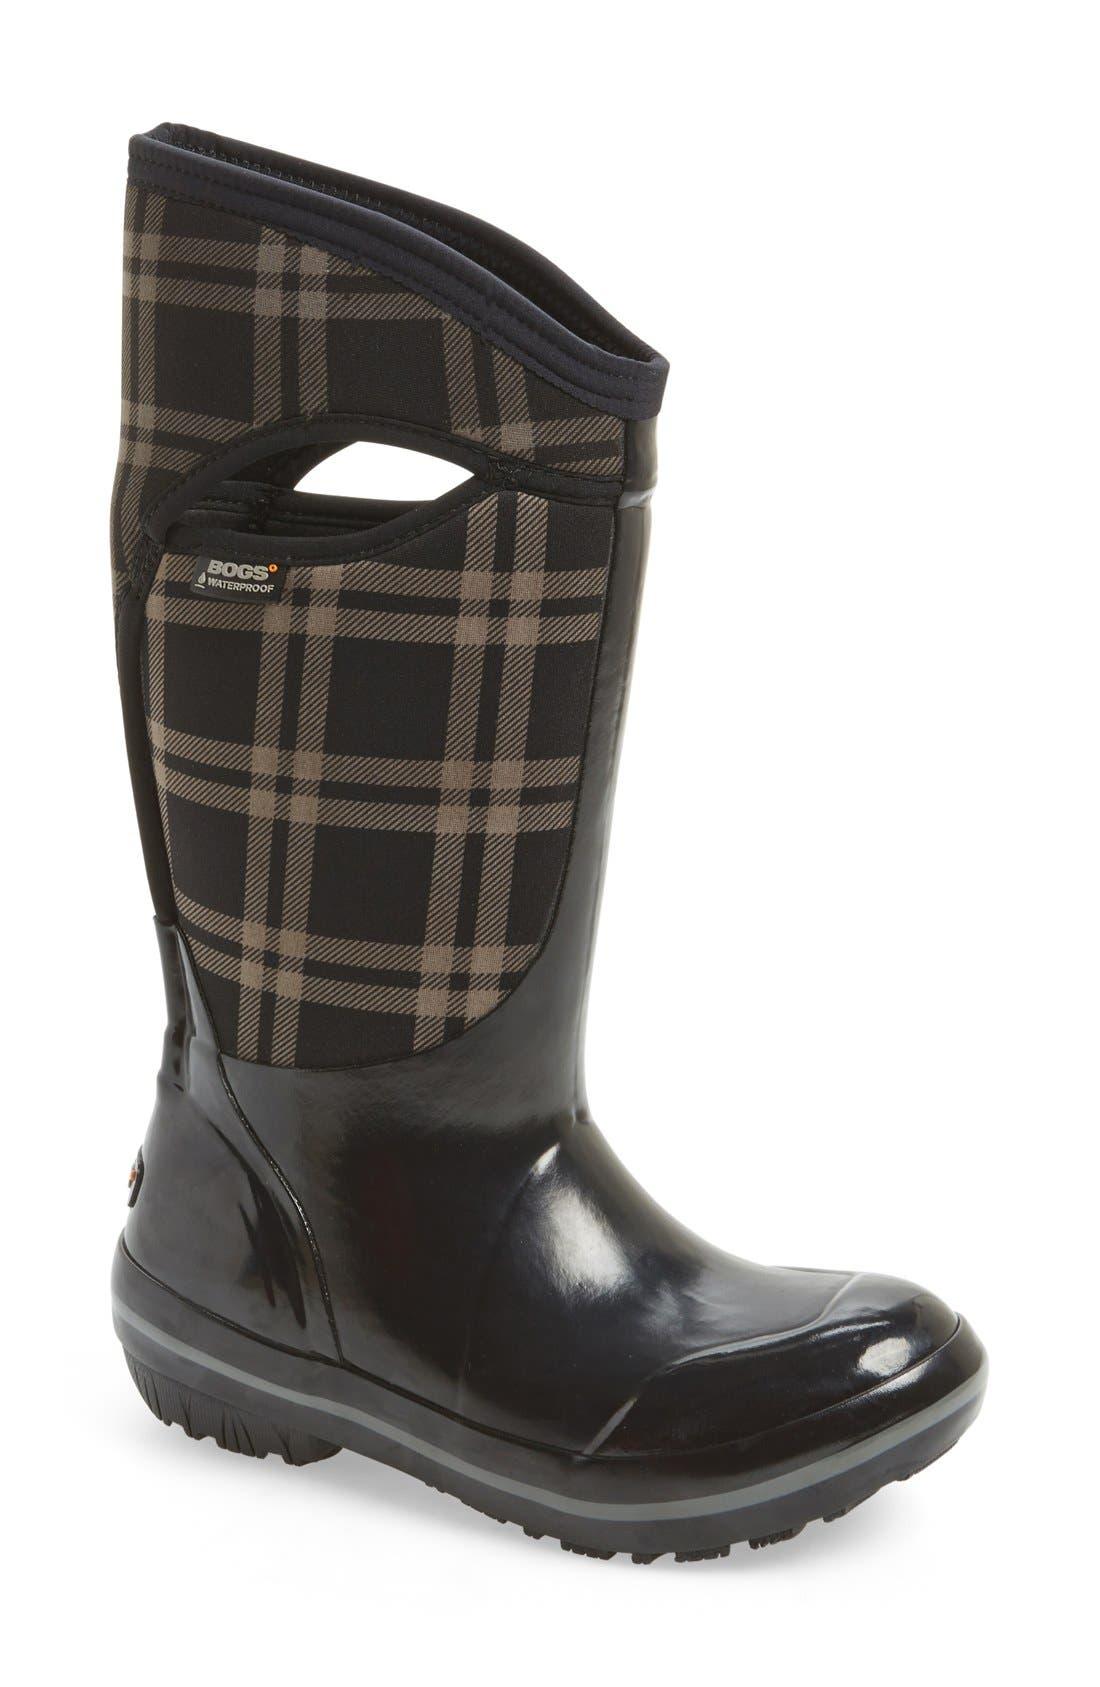 Bogs 'Plimsoll' Waterproof Boot (Women)